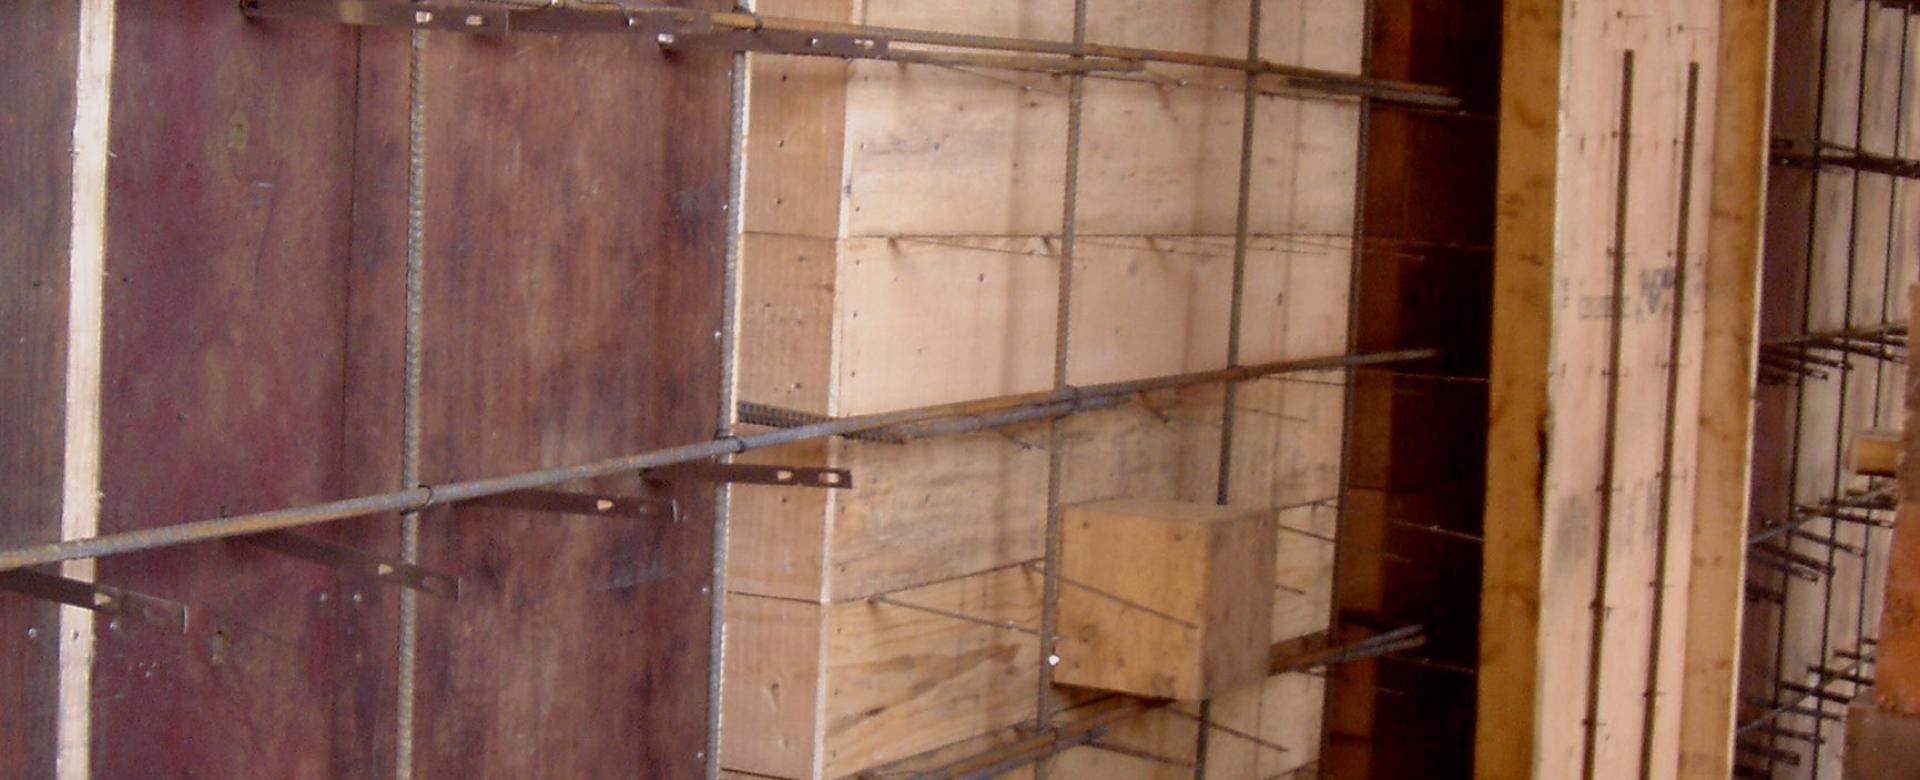 Concrete Forms Lock Bar Waler Bar Rentals Victoria Bc